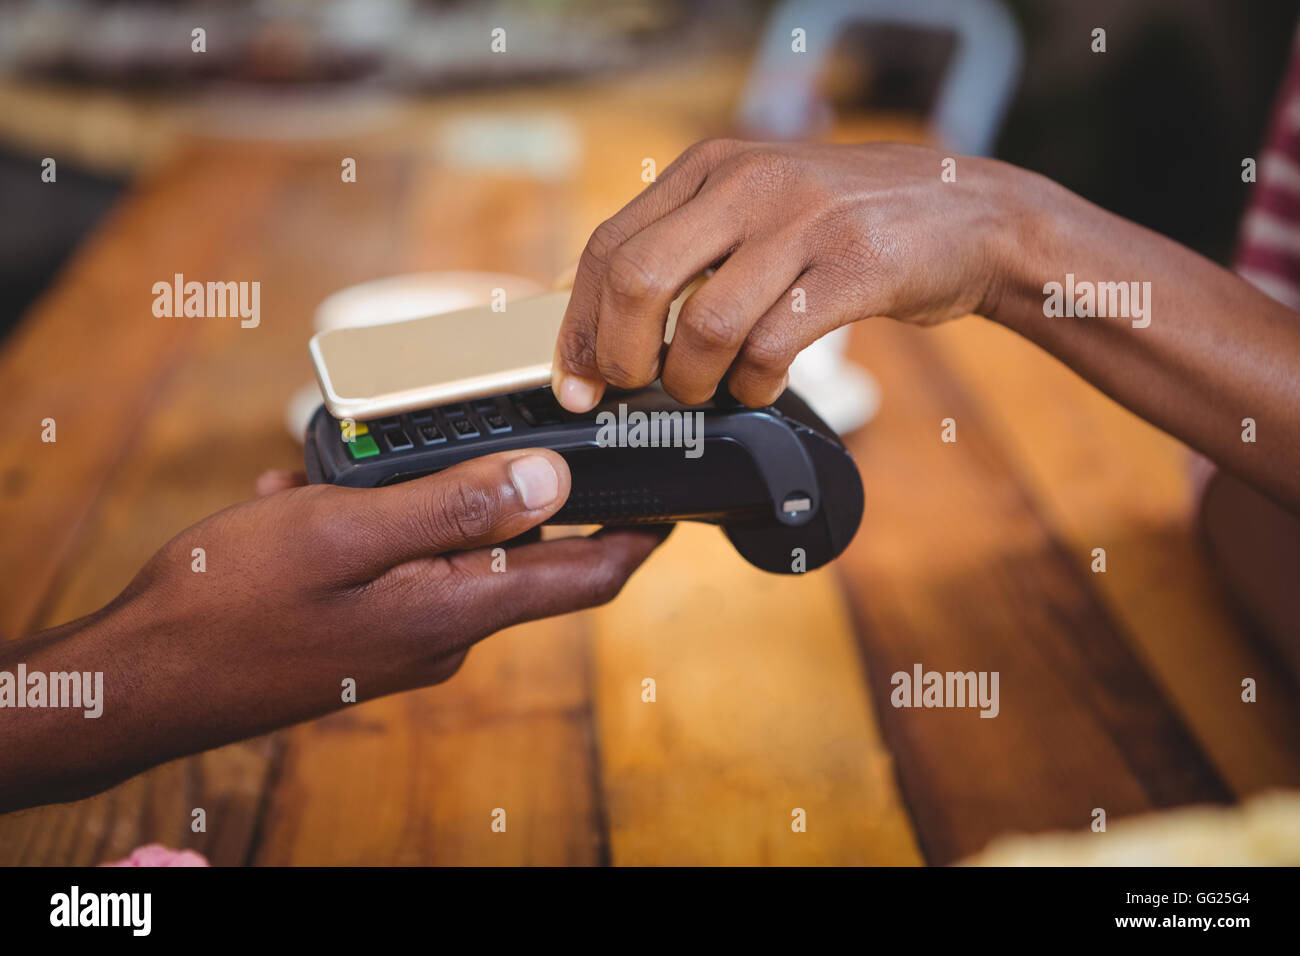 Mulher pagar bill através do smartphone usando a tecnologia nfc Imagens de Stock